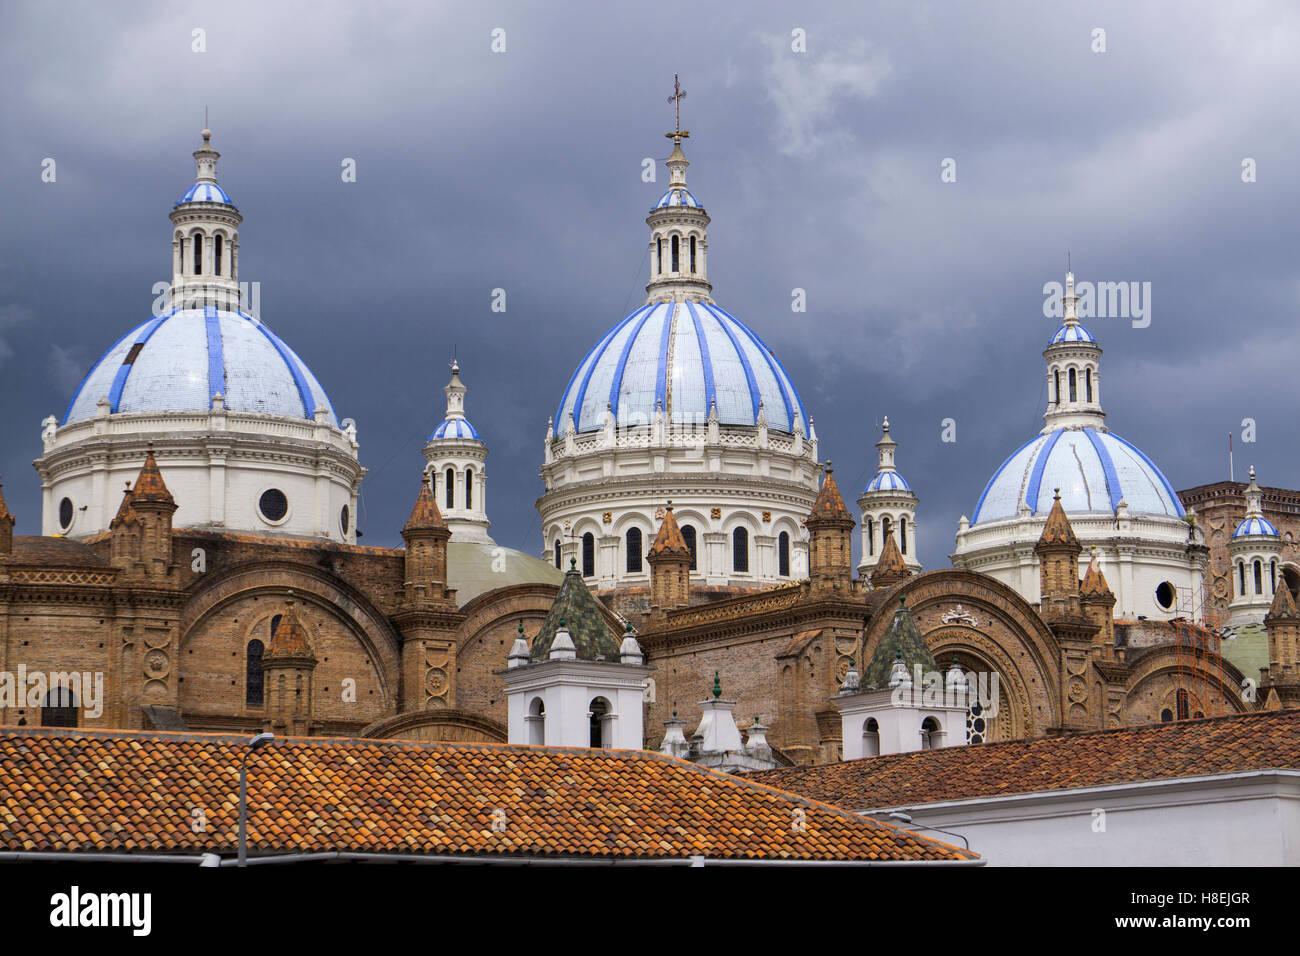 La cathédrale de Cuenca, Cuenca, UNESCO World Heritage Site, Equateur, Amérique du Sud Photo Stock